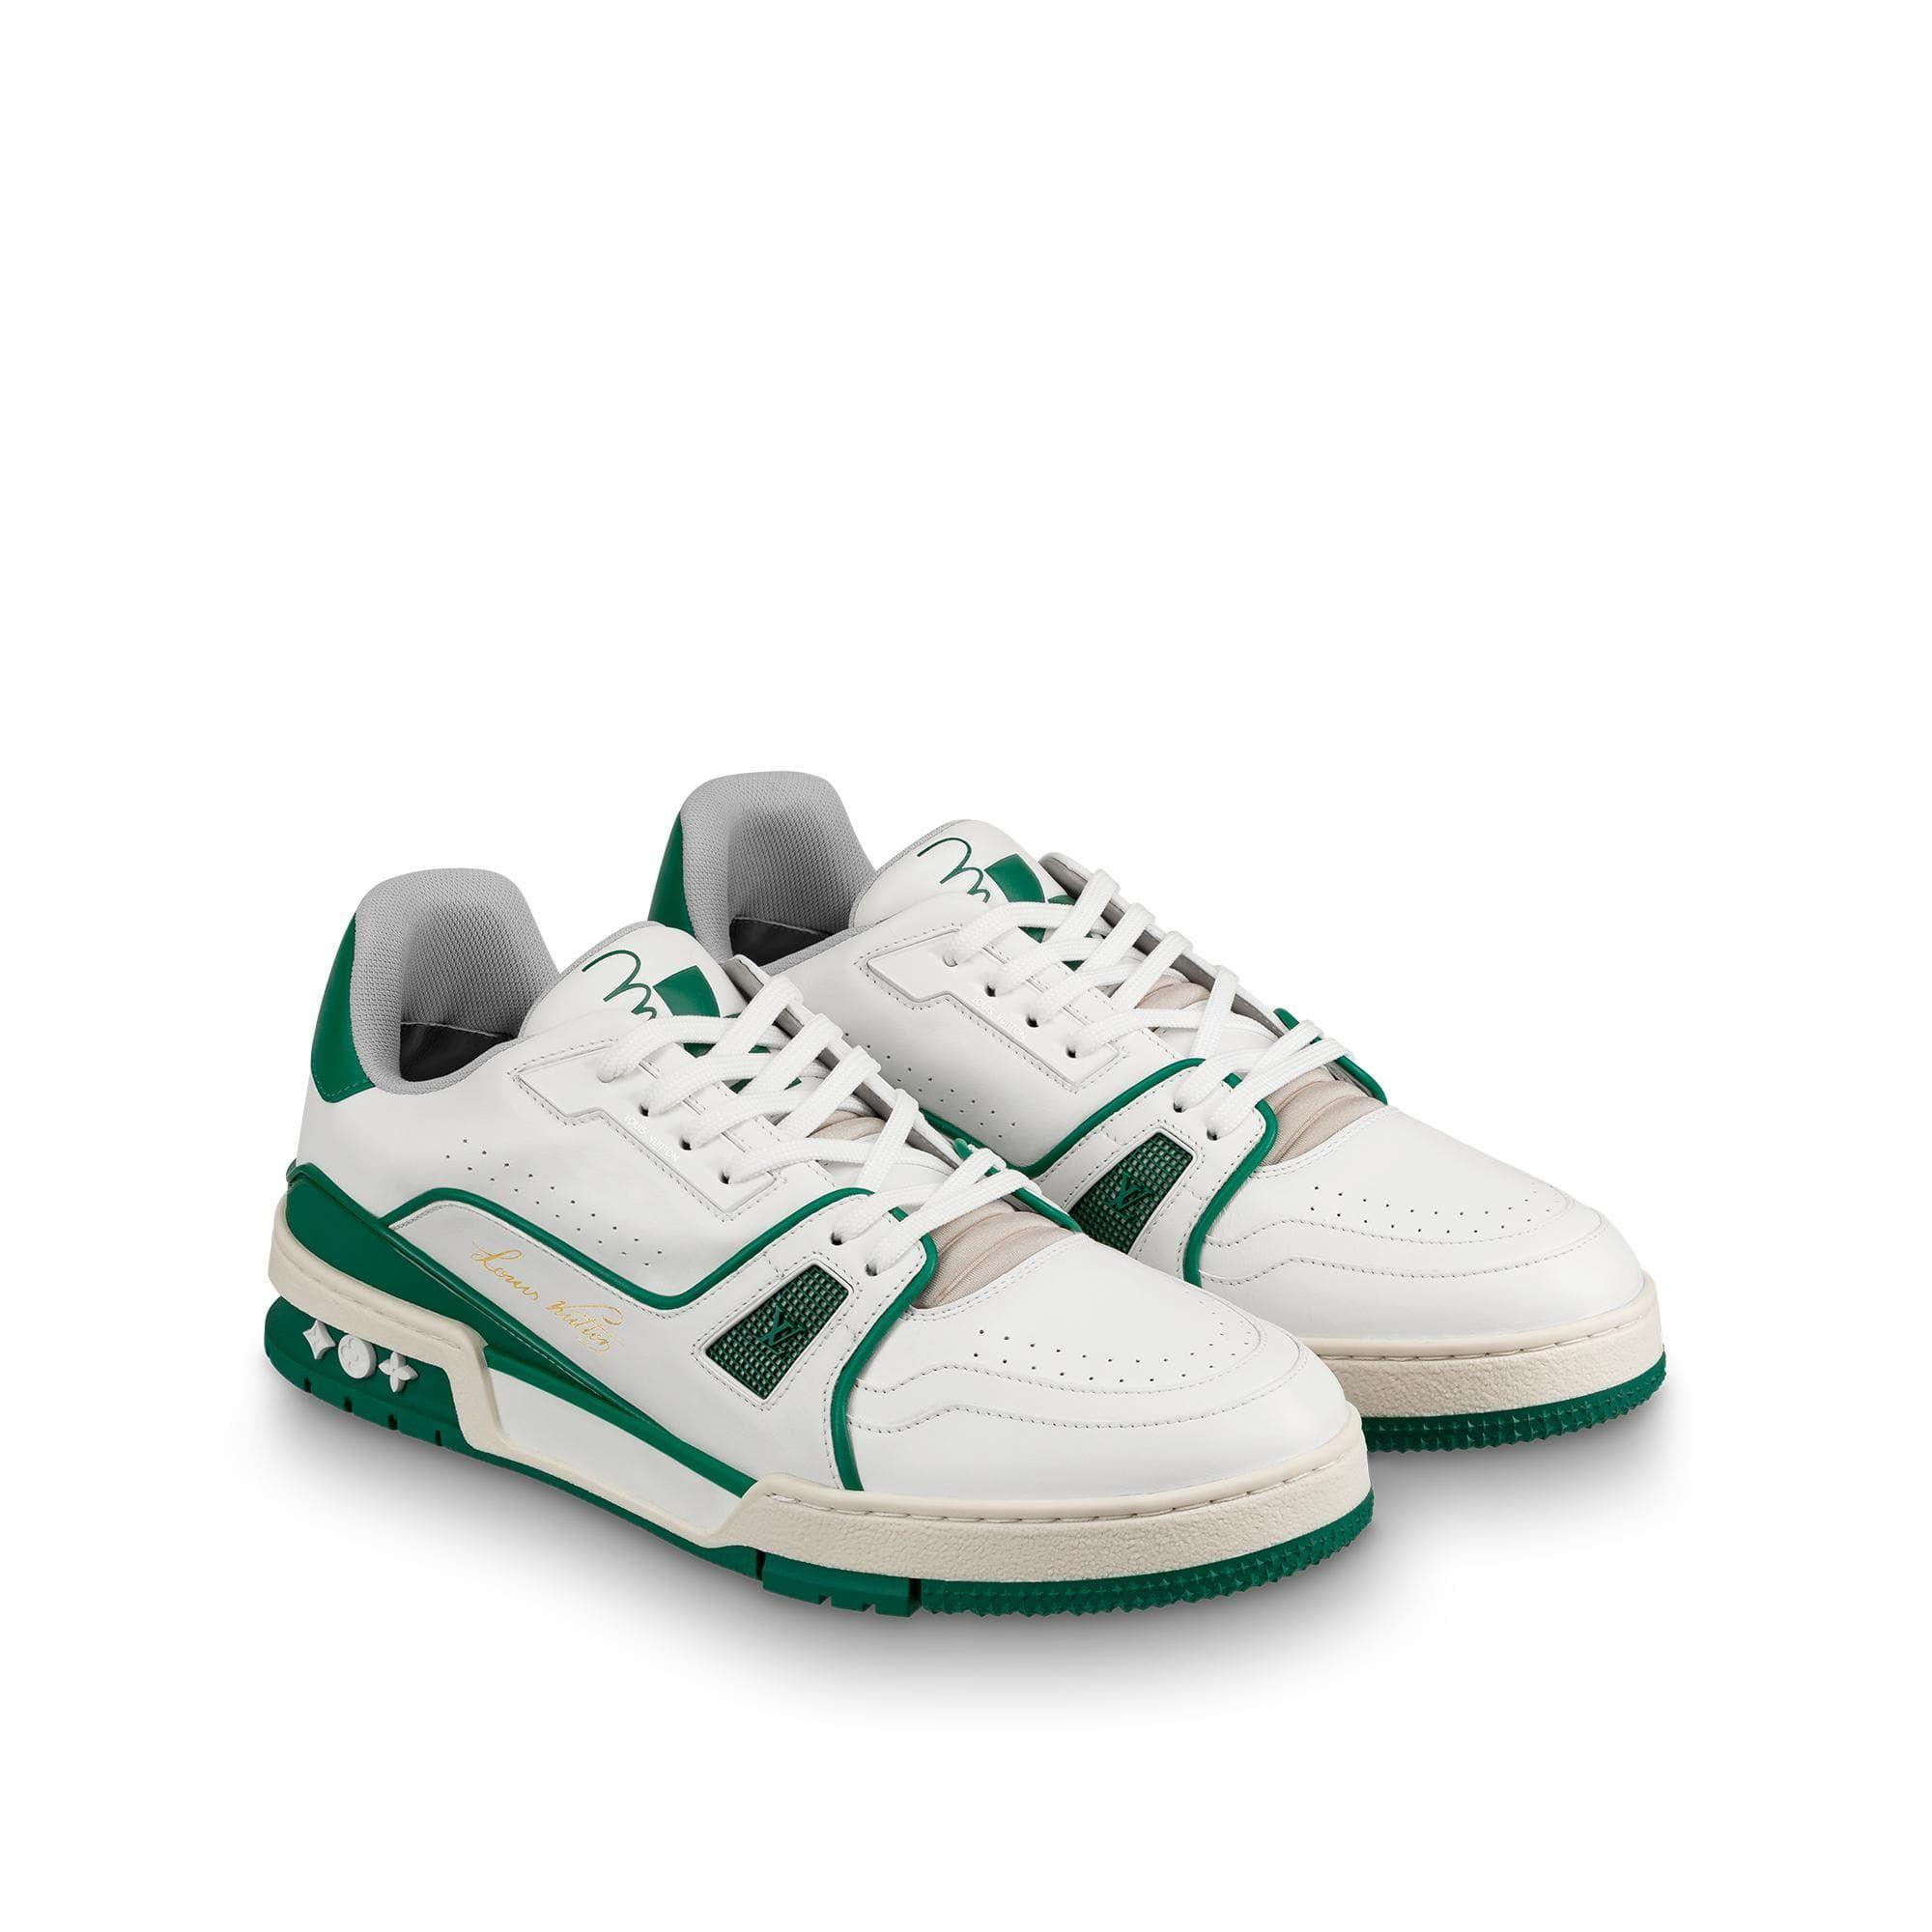 Lv men shoes, Louis vuitton shoes